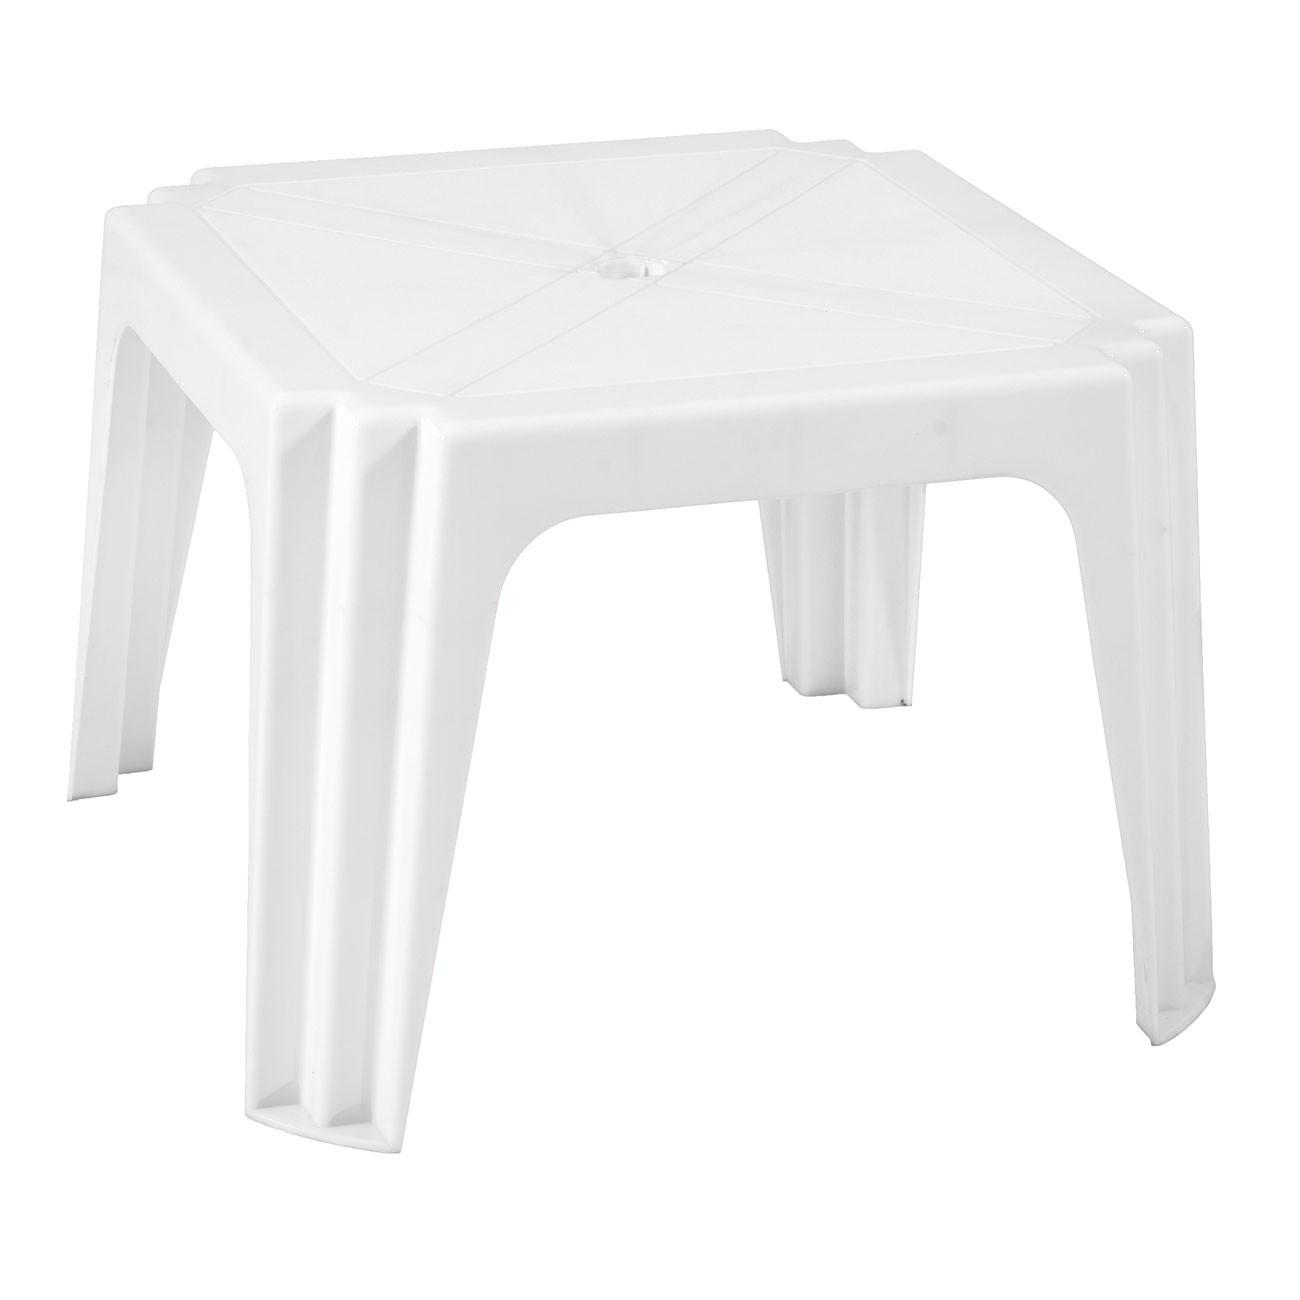 Masa fixa pentru gradina Aqua, plastic, patrata, 4 persoane, 64.5 x 64.5 x 44 cm